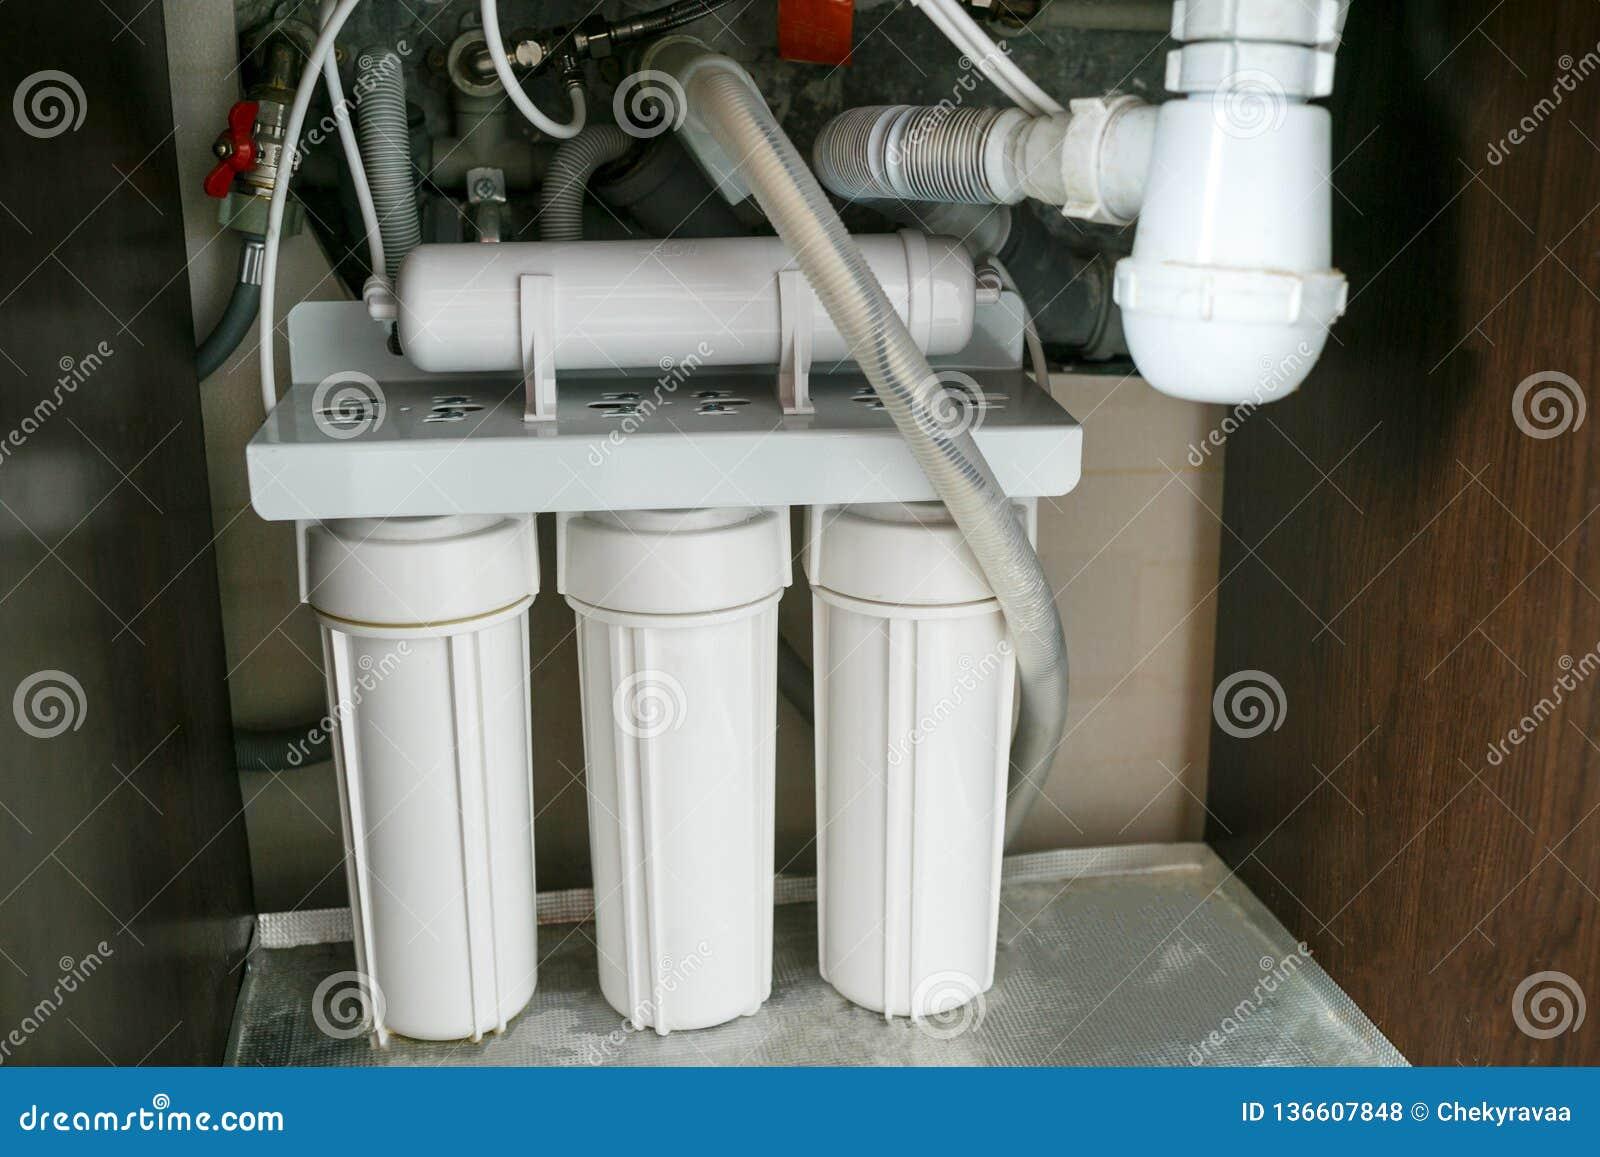 Sistema da purificação de água da osmose reversa em casa A instalação de filtros da purificação de água sob a banca da cozinha no